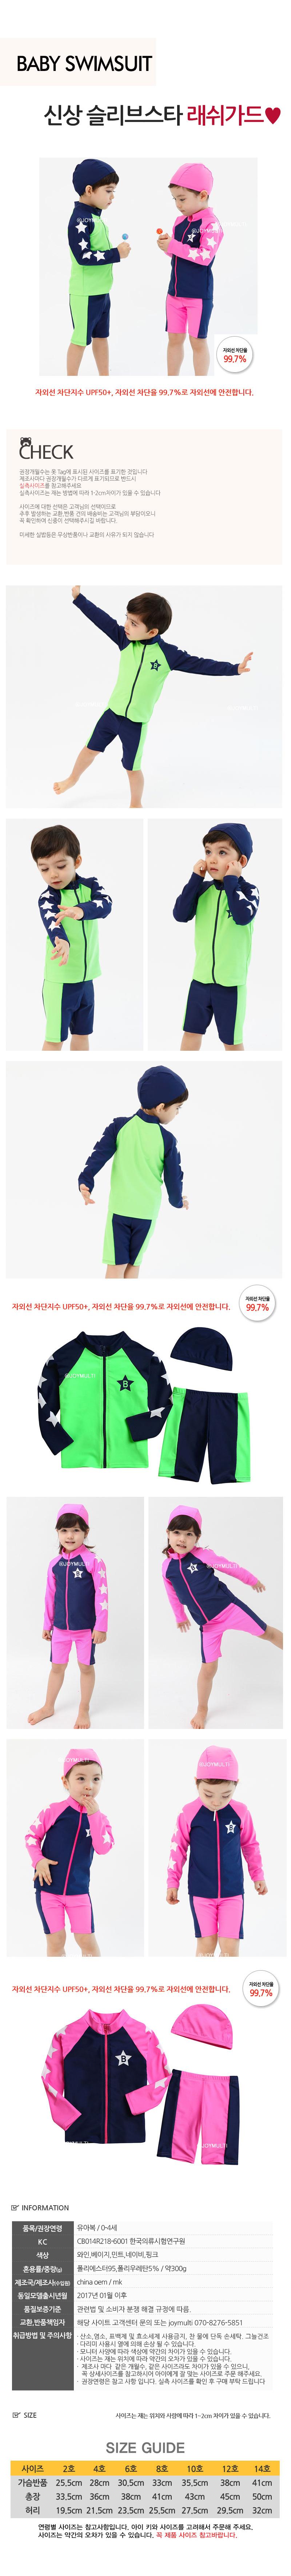 신상 슬리브스타 래쉬가드(2-14호)203532 - 조이멀티, 33,500원, 시즌/이벤트의류잡화, 수영복